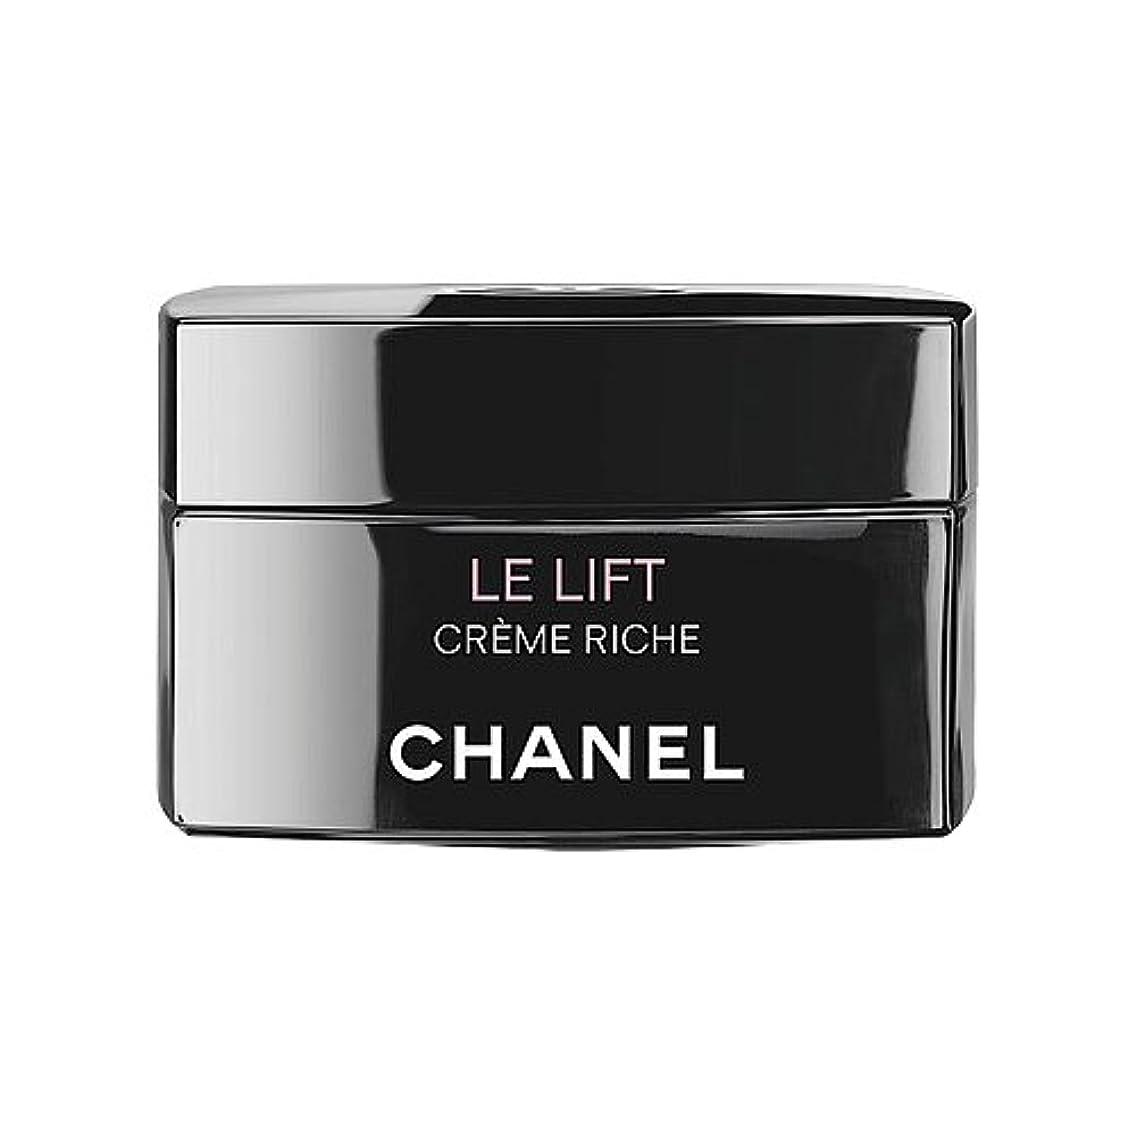 フェンスポンプ学んだシャネル(CHANEL) LE L クレーム リッシュ 50g[並行輸入品]